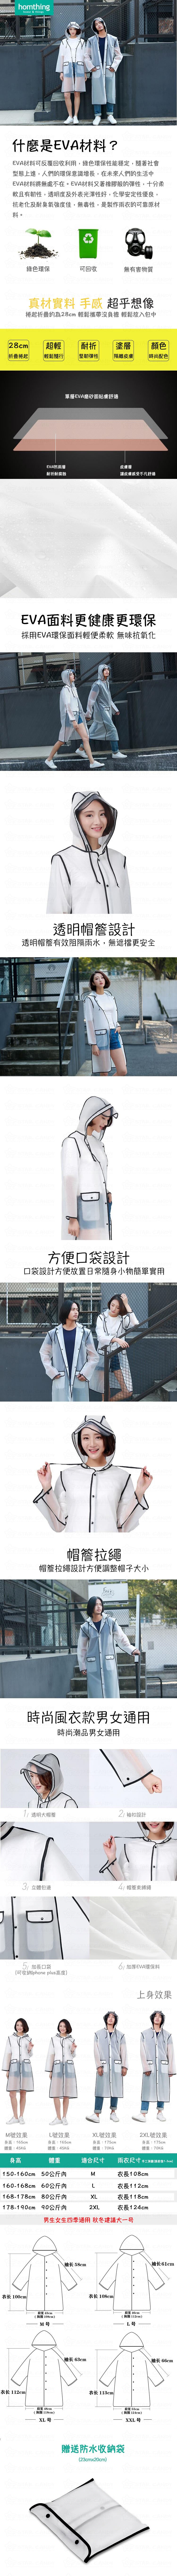 新版雨衣(浮水印)